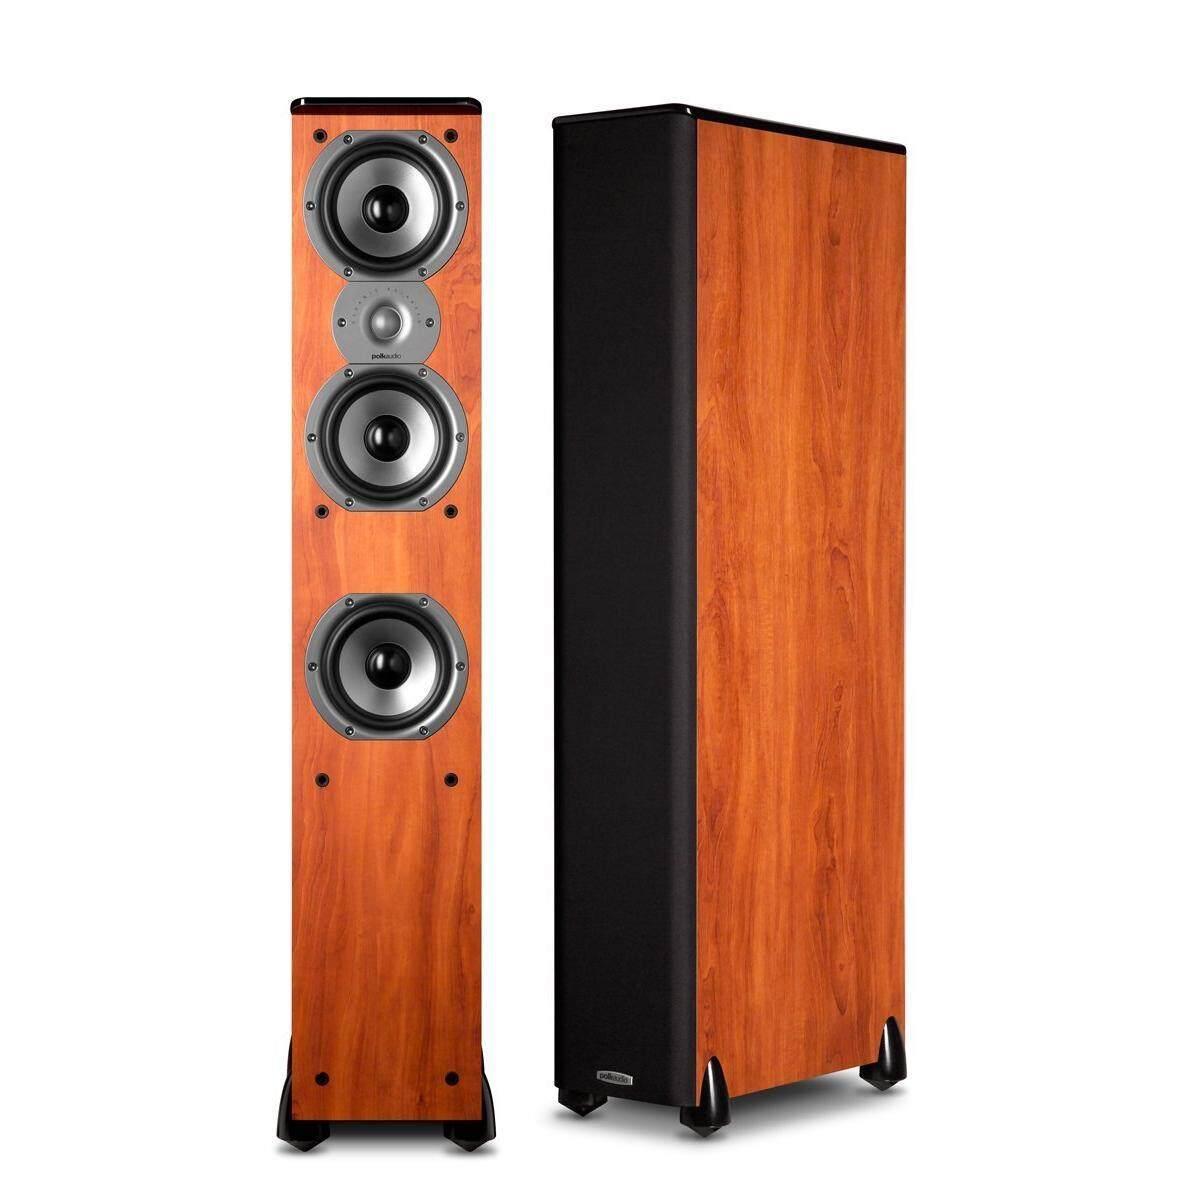 ยี่ห้อนี้ดีไหม  ชลบุรี Polk Audio ลำโพงTower รุ่น TSI-400-Cherry(เป็นคู่ลำโพง 2 ชิ้น)